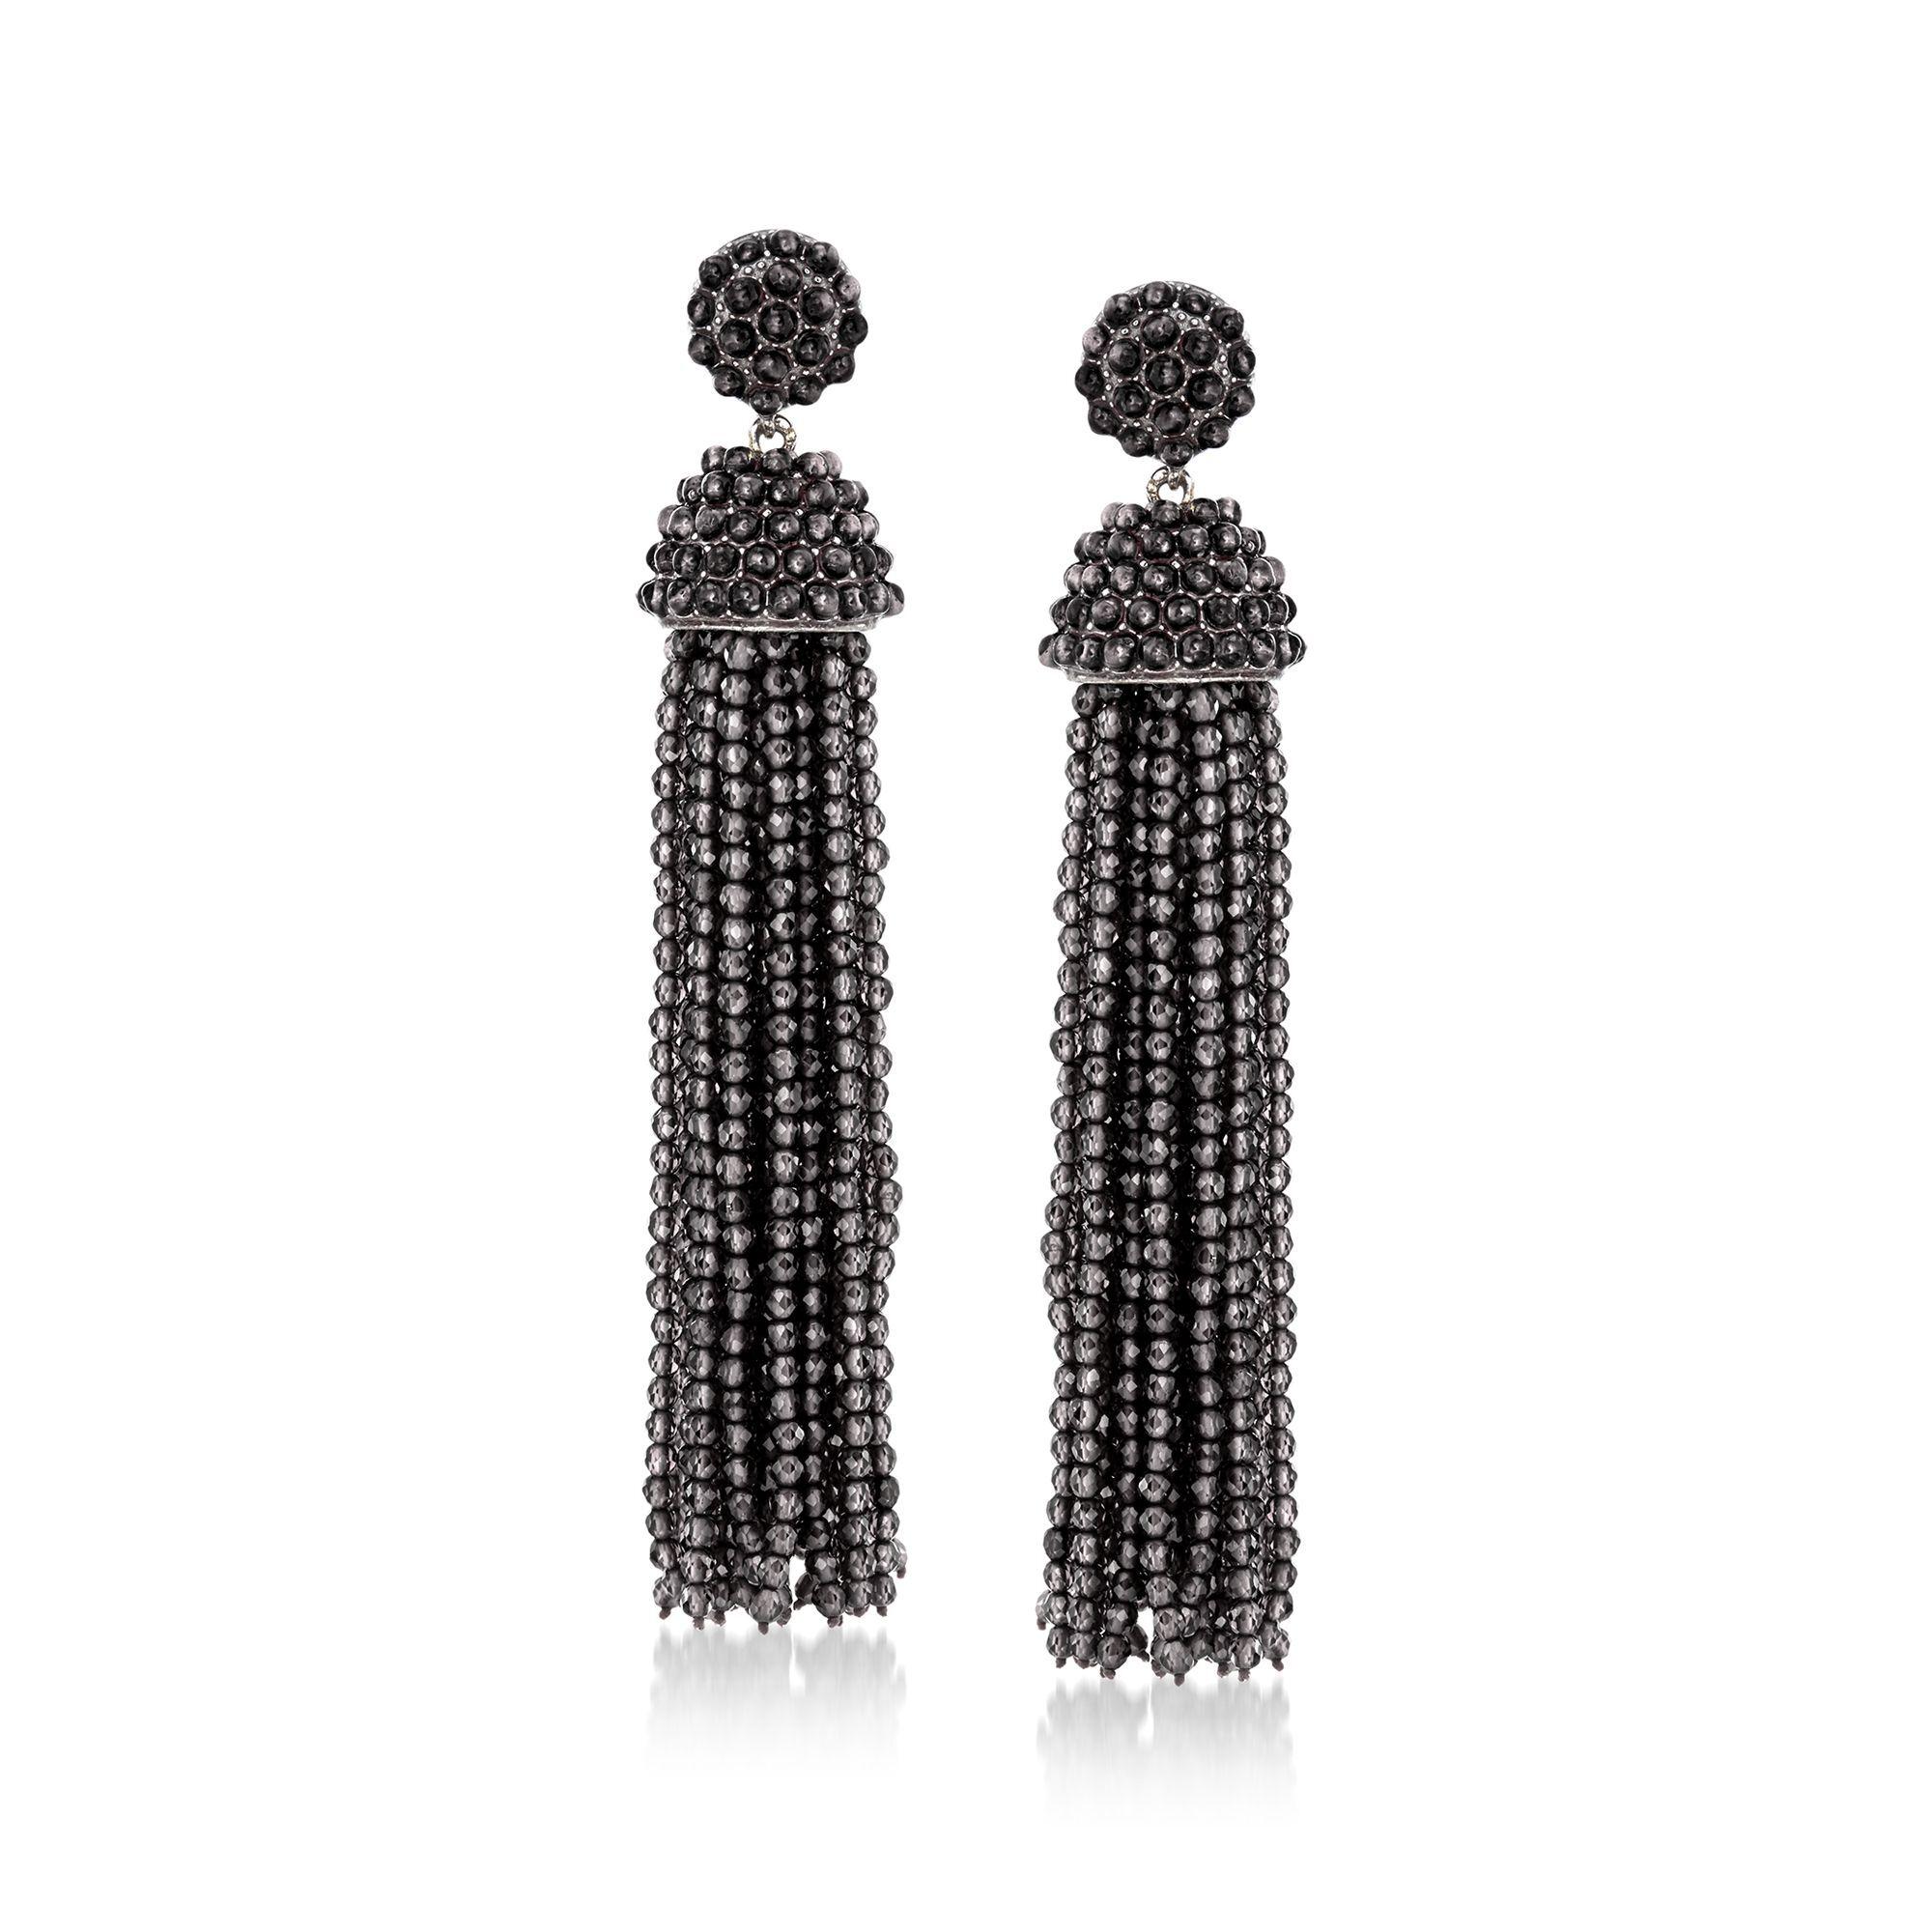 Black Onyx Bead Tassel Drop Earrings in Sterling Silver